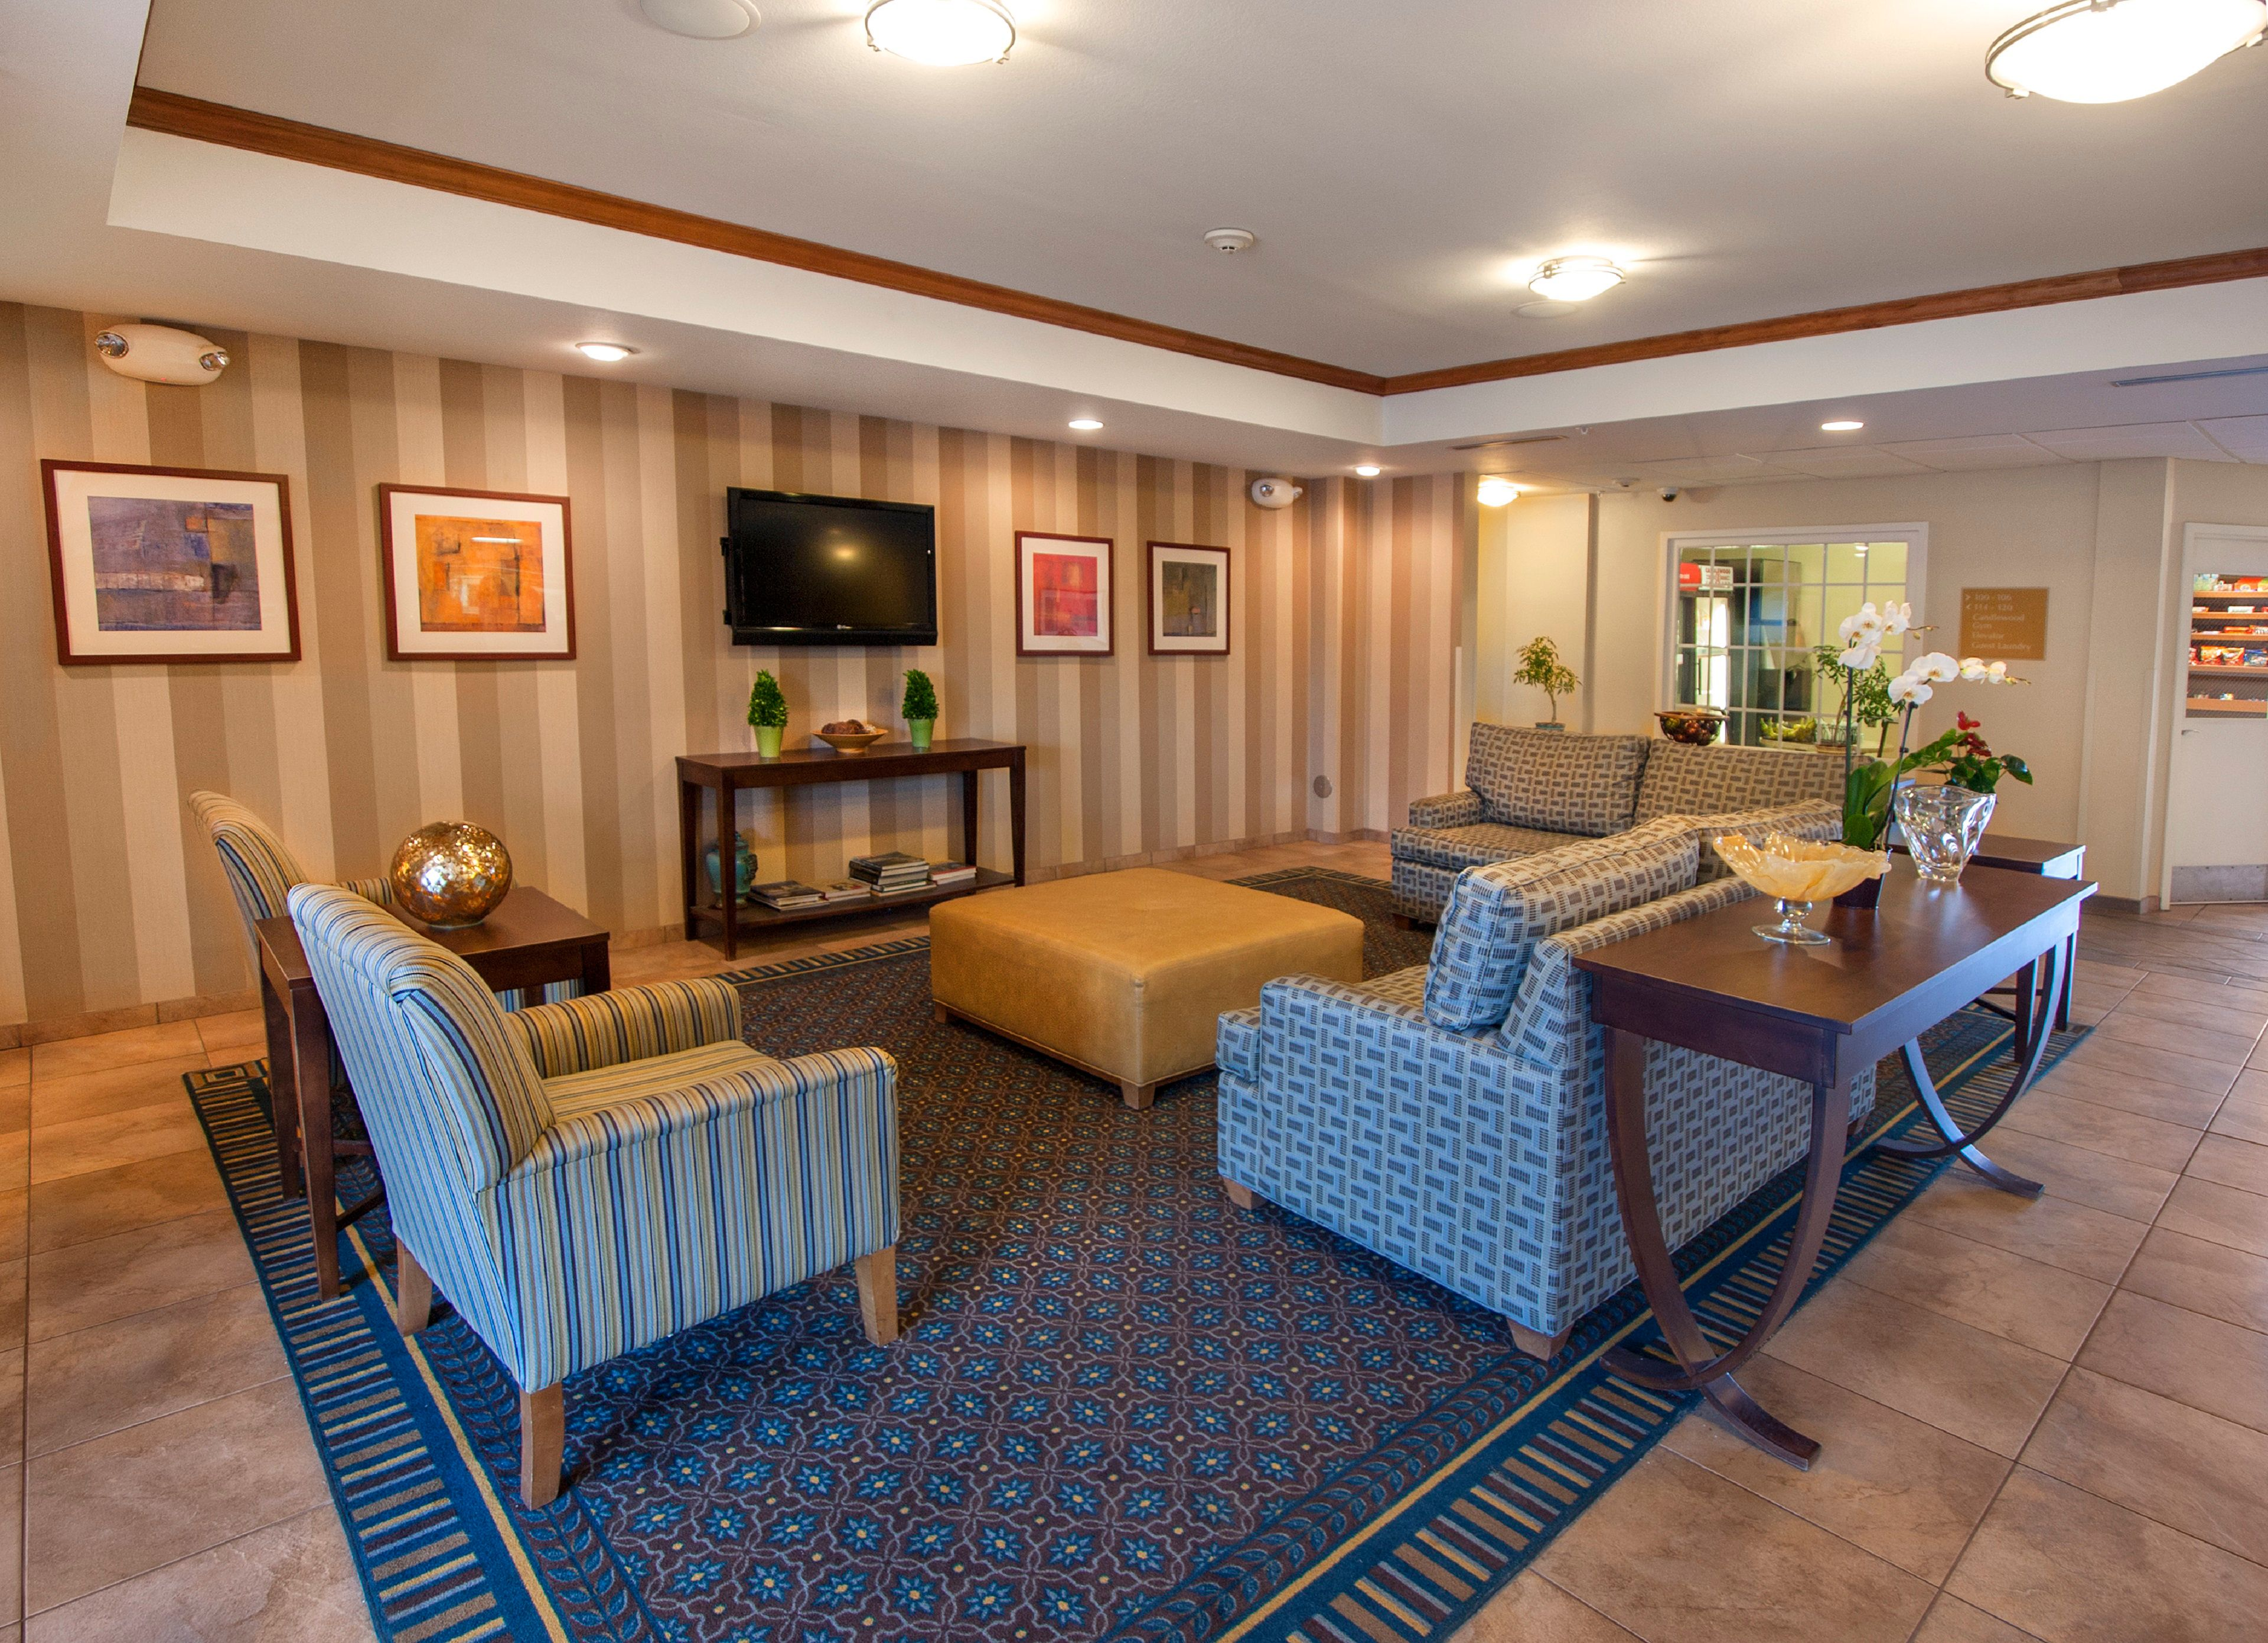 Candlewood Suites Buffalo Amherst image 3